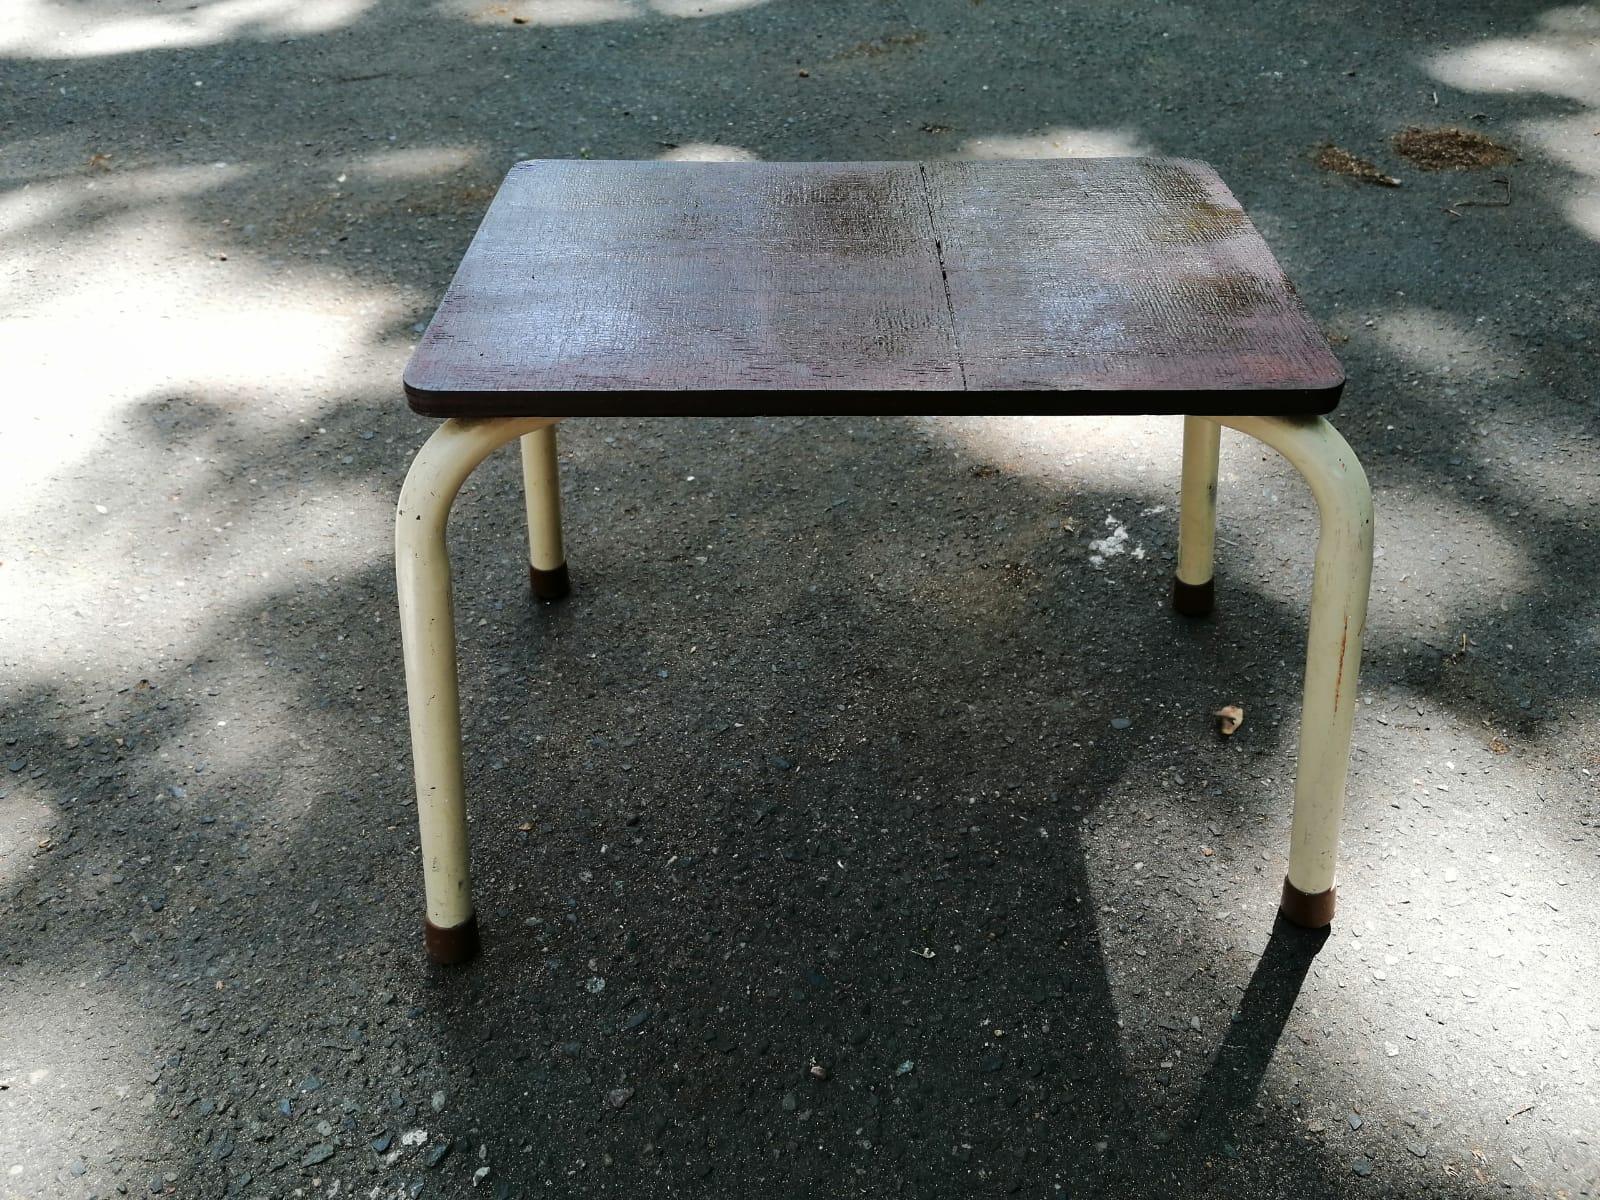 Hocker mit aufgearbeiteter Sitzfläche